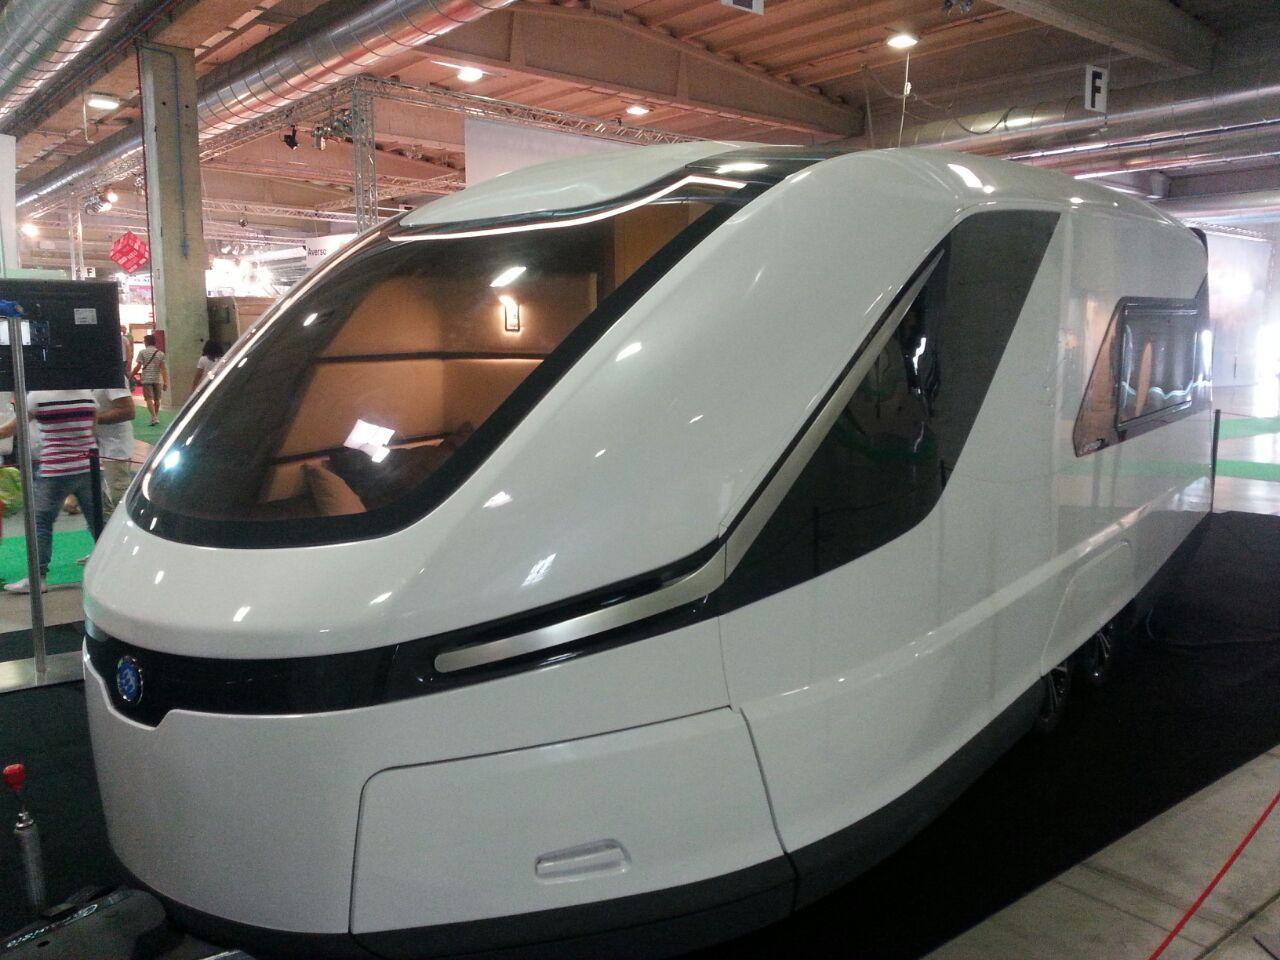 Idee Per Interni Roulotte : La roulotte del futuro audace idea di knaus www.seiruote.info